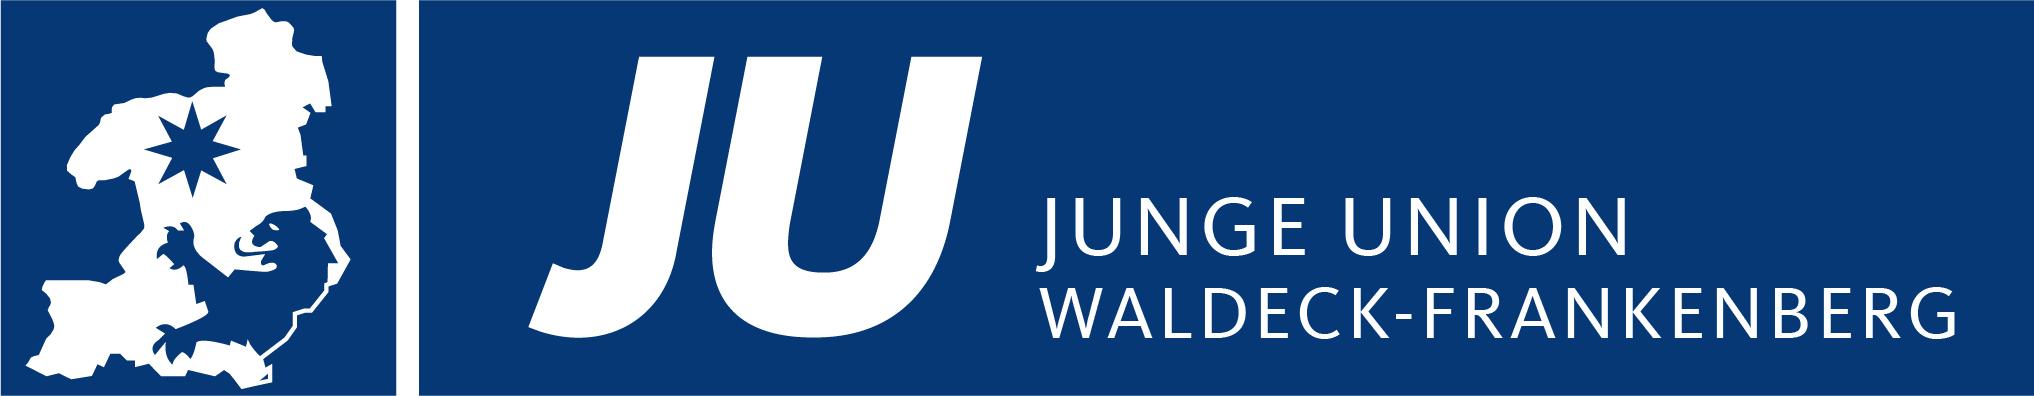 Logo von Junge Union Waldeck-Frankenberg